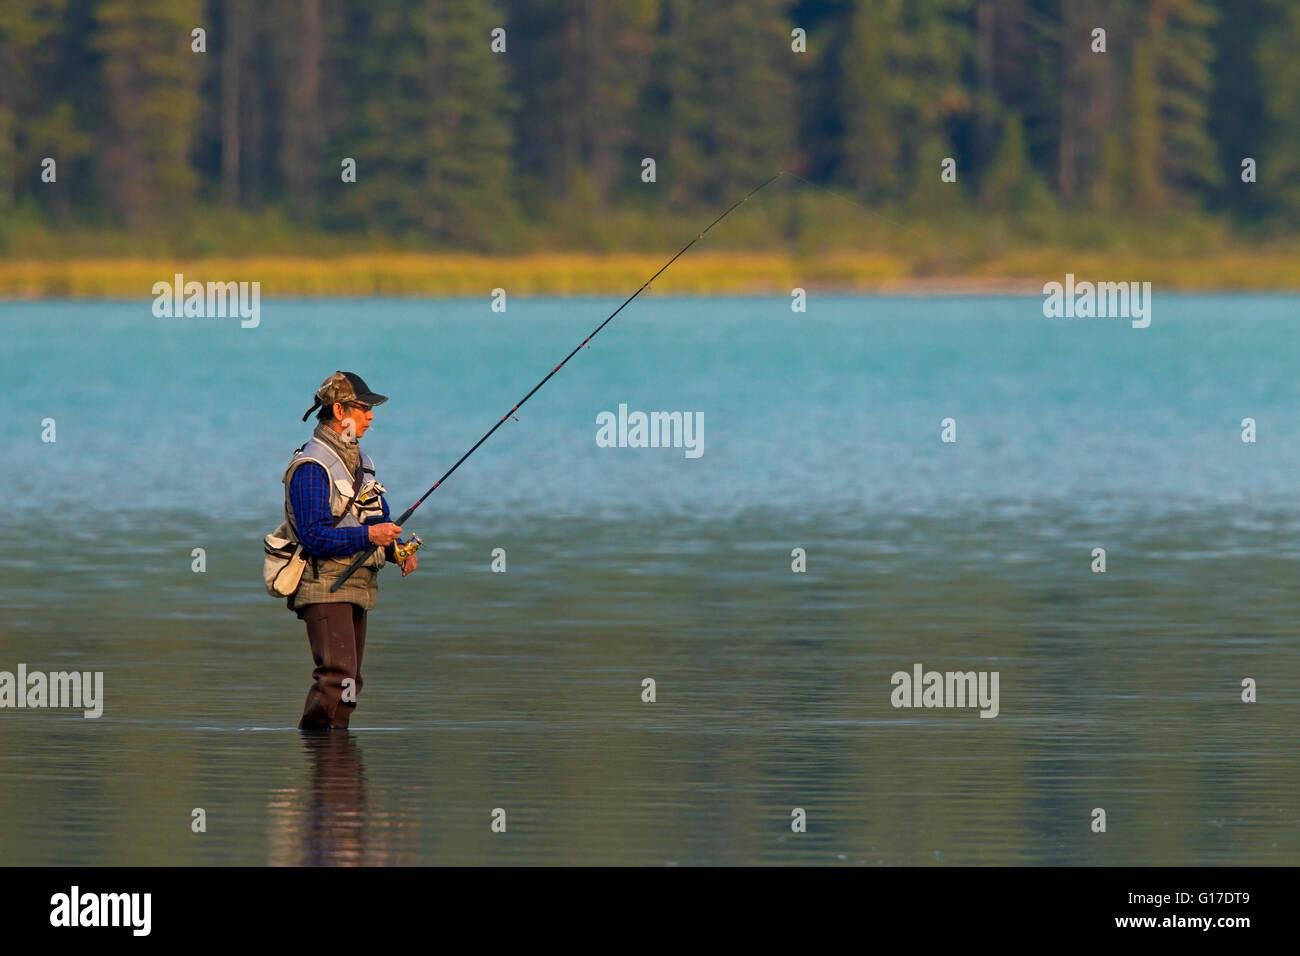 Fly angler pesca con mosca en el lago, el Parque Nacional Banff, Alberta, Montañas Rocosas, Canadá Imagen De Stock